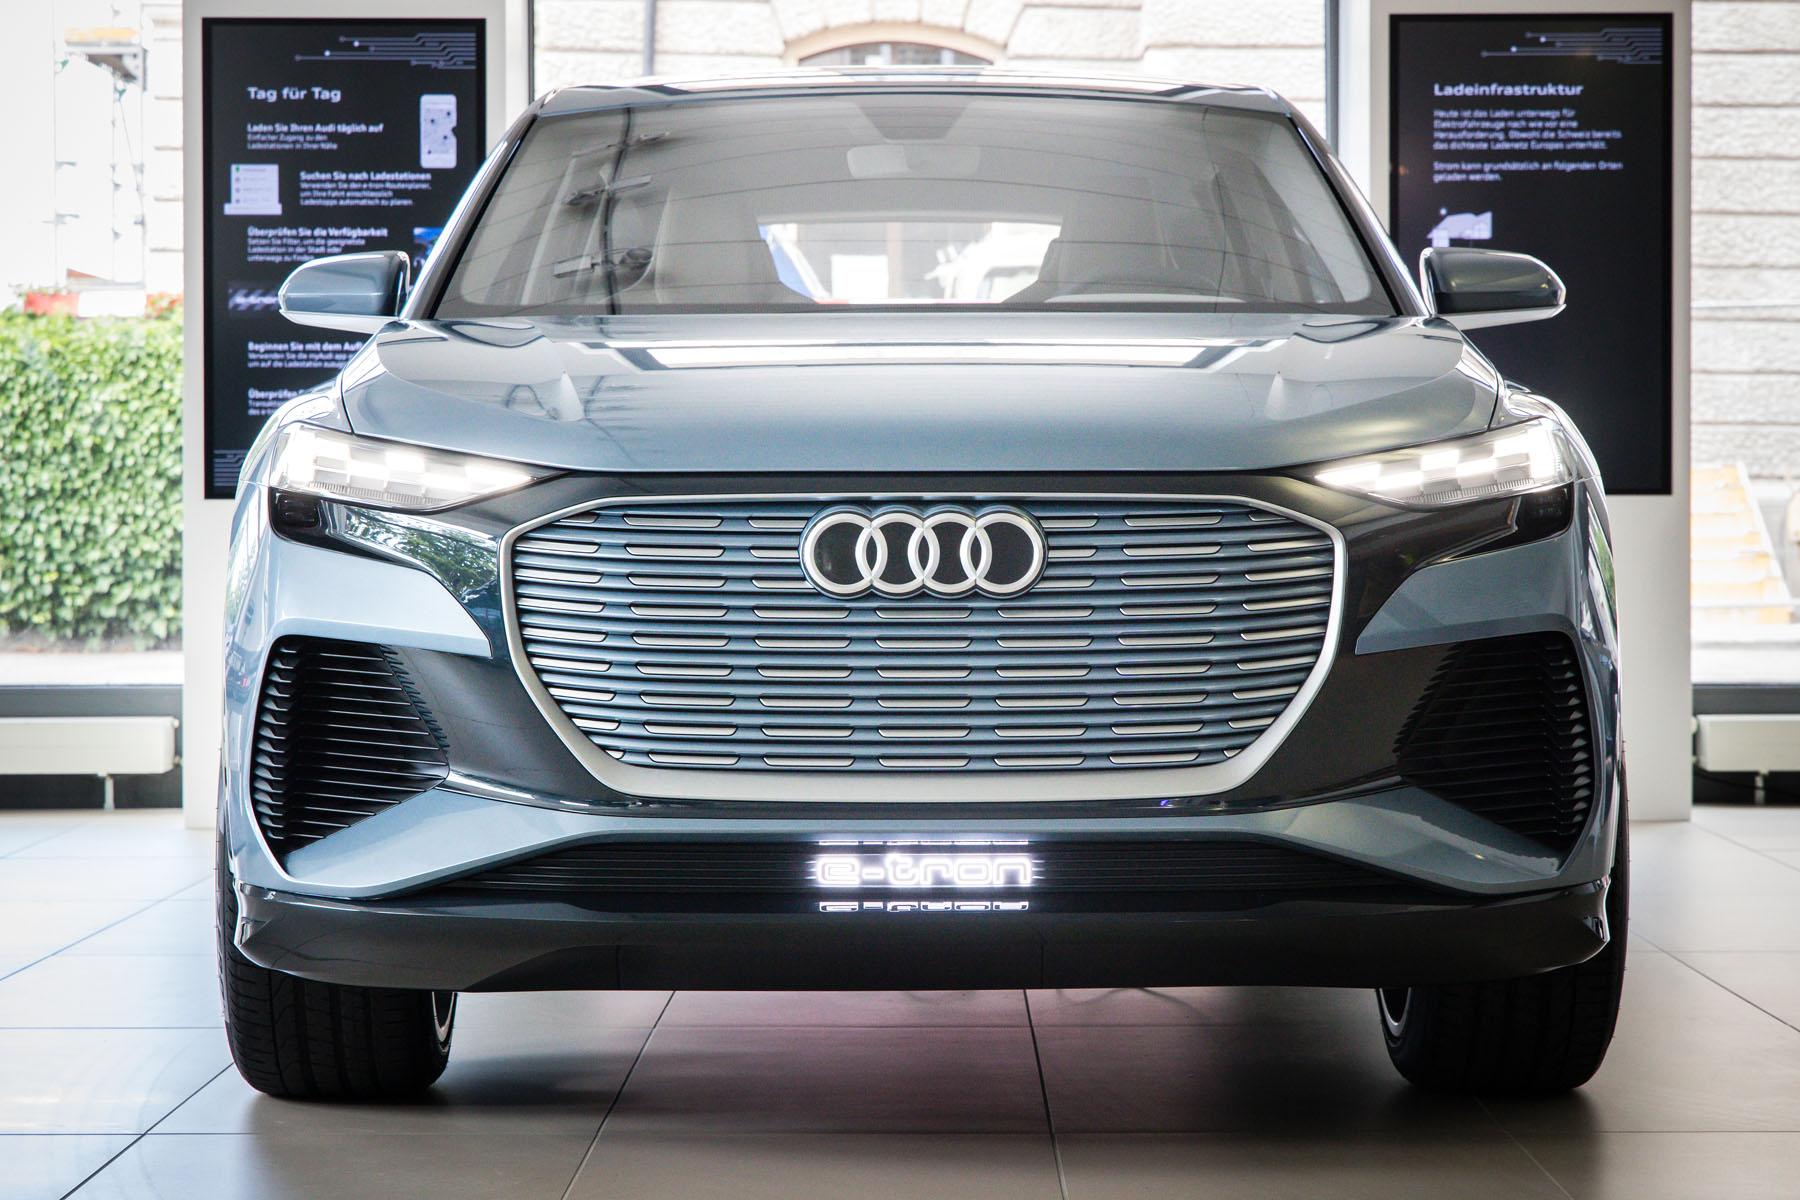 All'e-tron experience center all'Utoquai di Zurigo è possibile ammirare già oggi l'Audi del futuro. (Stefan Bohrer)